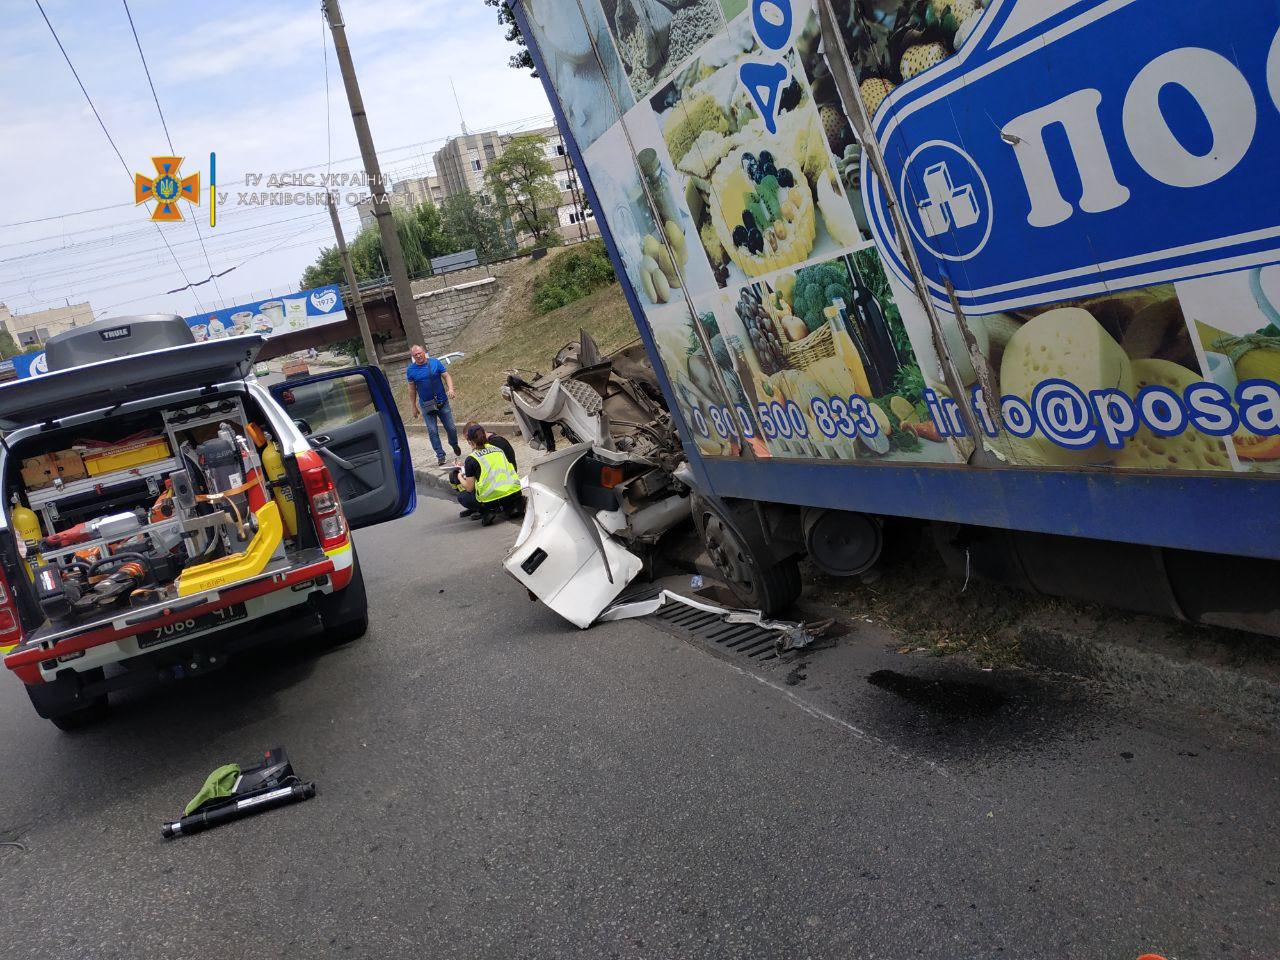 Новини Харкова: у вантажівки посеред дороги відпала кабіна (ФОТО, ВІДЕО)